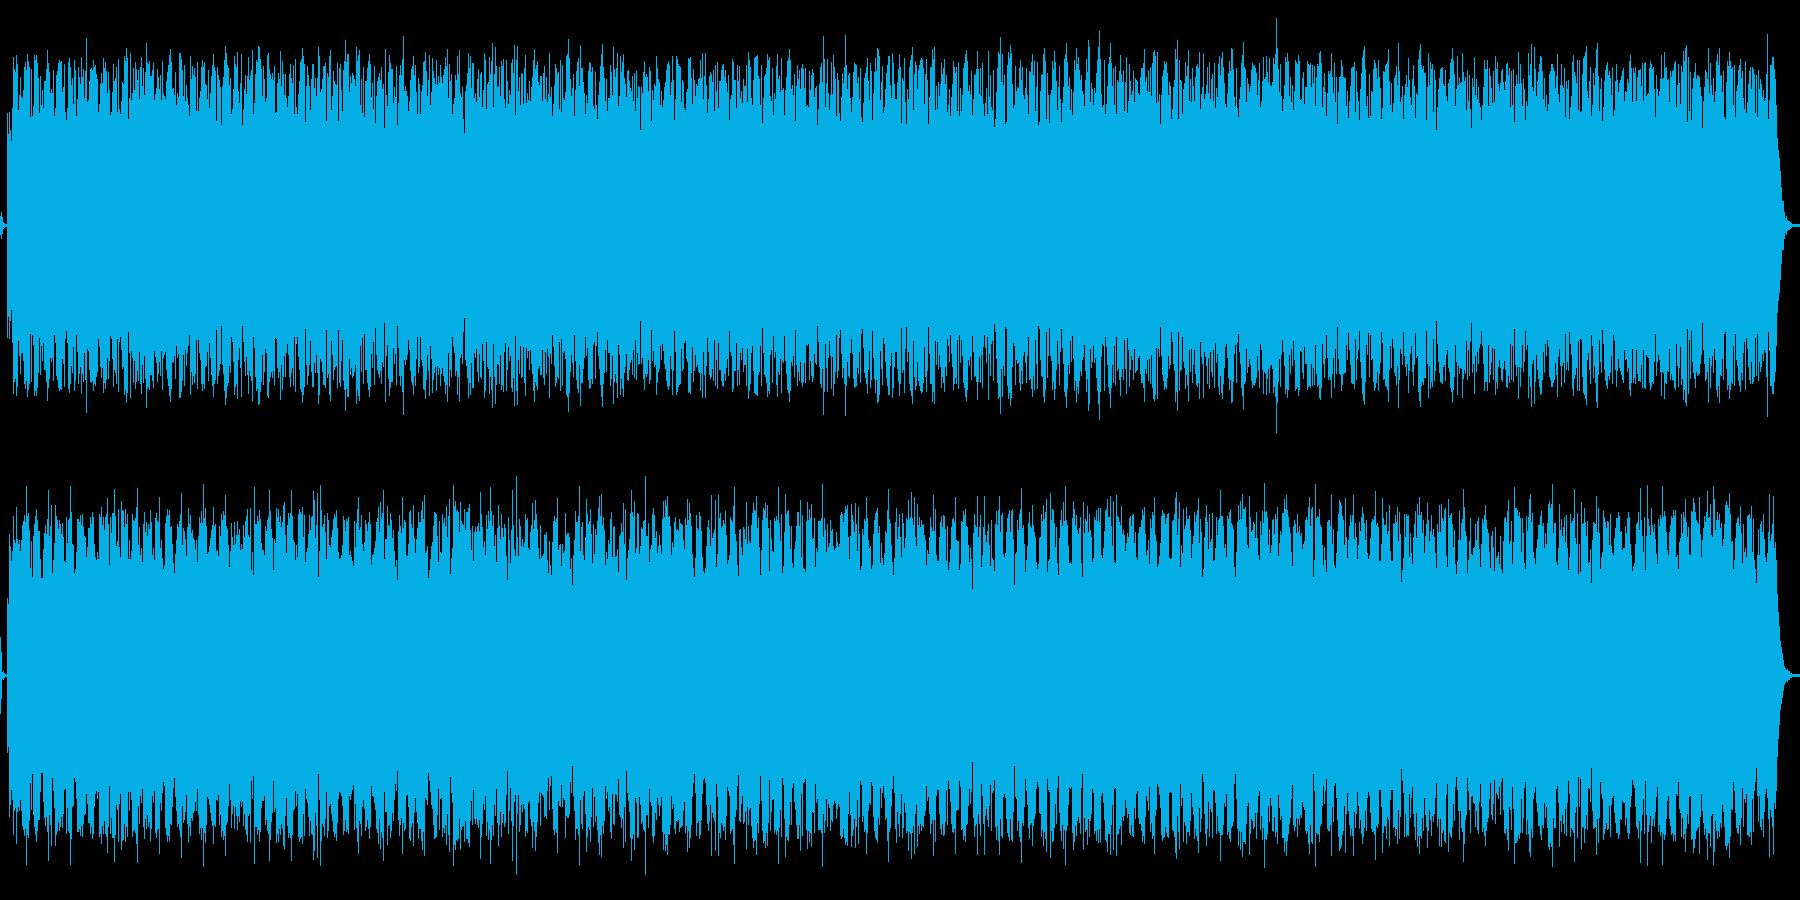 生き物の営みをイメージする環境音楽の再生済みの波形